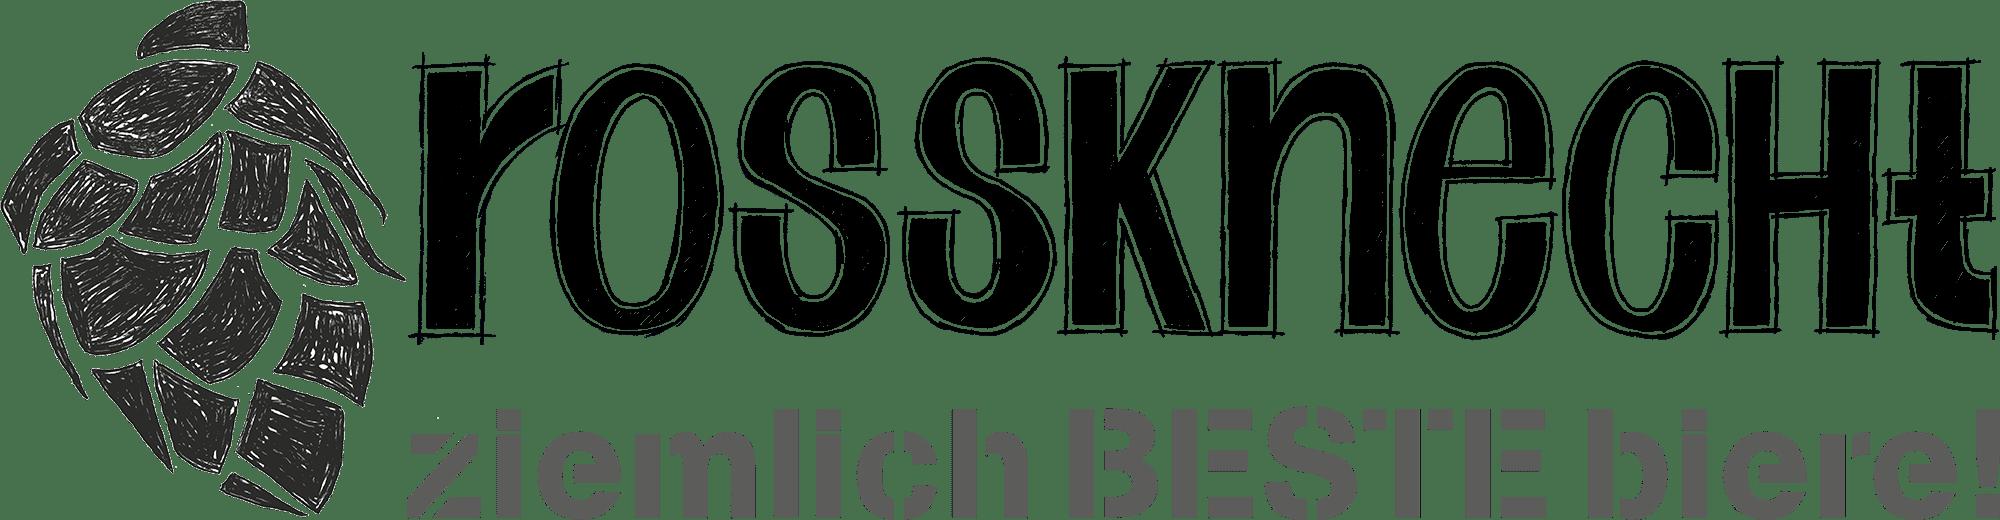 Rossknecht - ziemlich beste Biere